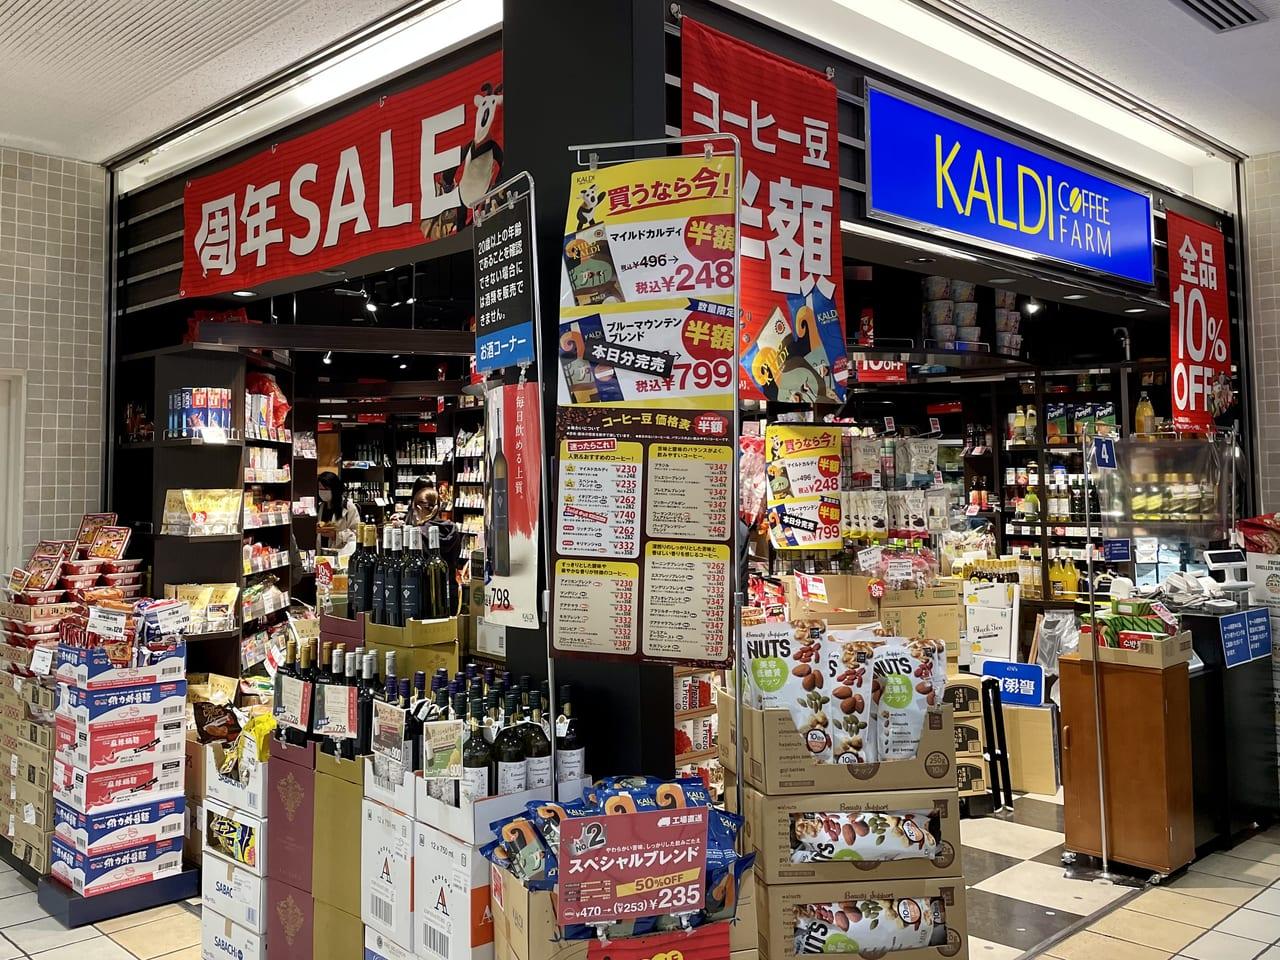 周年 セール カルディ 【超絶オススメ】「カルディ周年セール」で半額のコーヒー豆を大量買いしてみた。